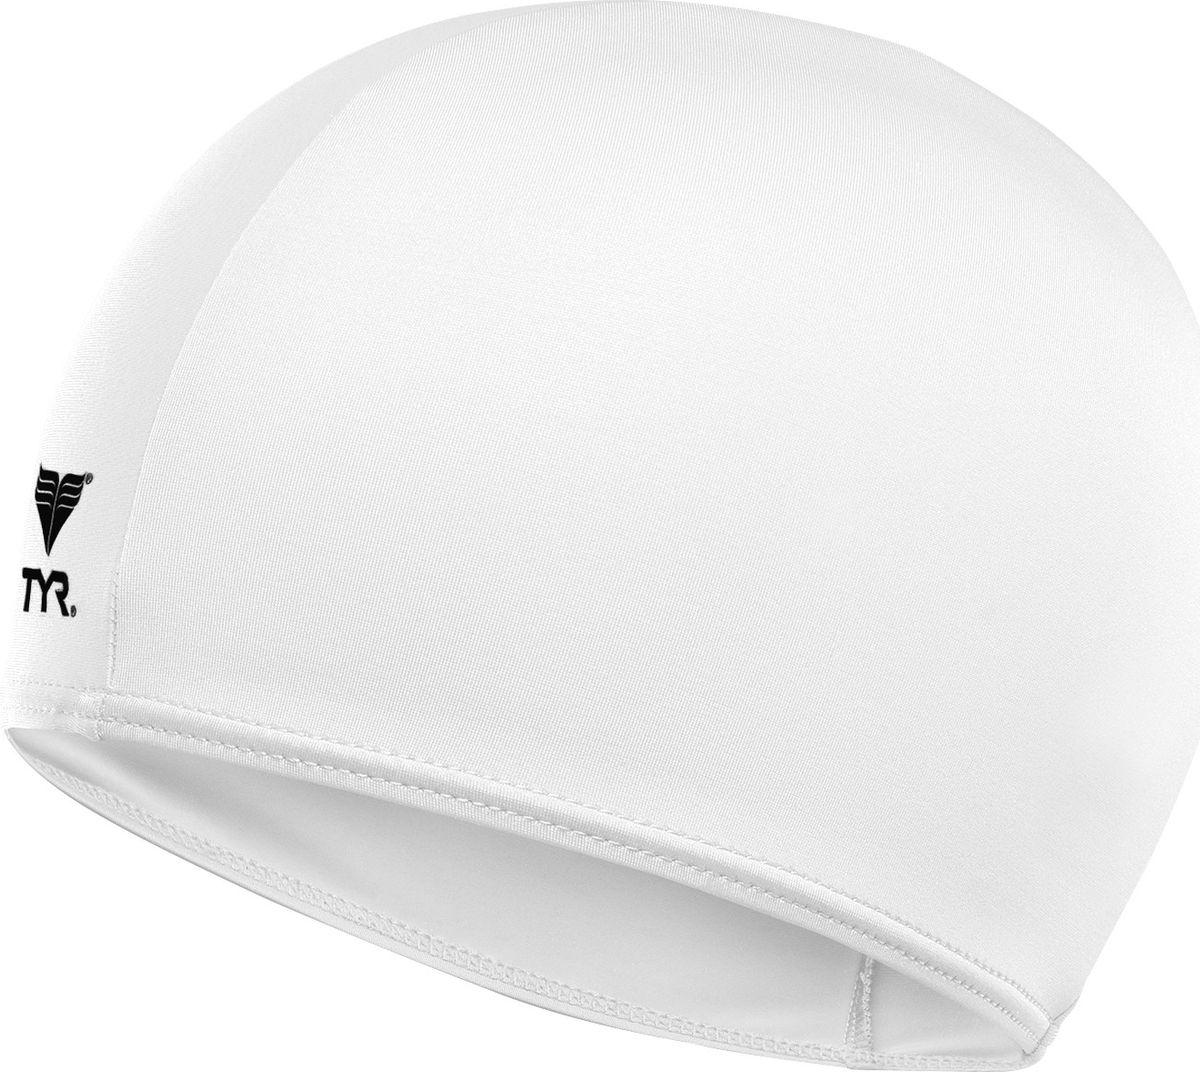 Шапочка для плавания Tyr Solid Lycra Cap, цвет: белый. LCYLCYTYR Lycra – классическая шапочка для плавания, изготовлена из высококачественного материала устойчивого к воздействию хлорированной воды. Шапочка очень комфортна, эластична, хорошо держится и не сдавливает голову. Хорошо подойдет для тренировок и плавания в свое удовольствие.